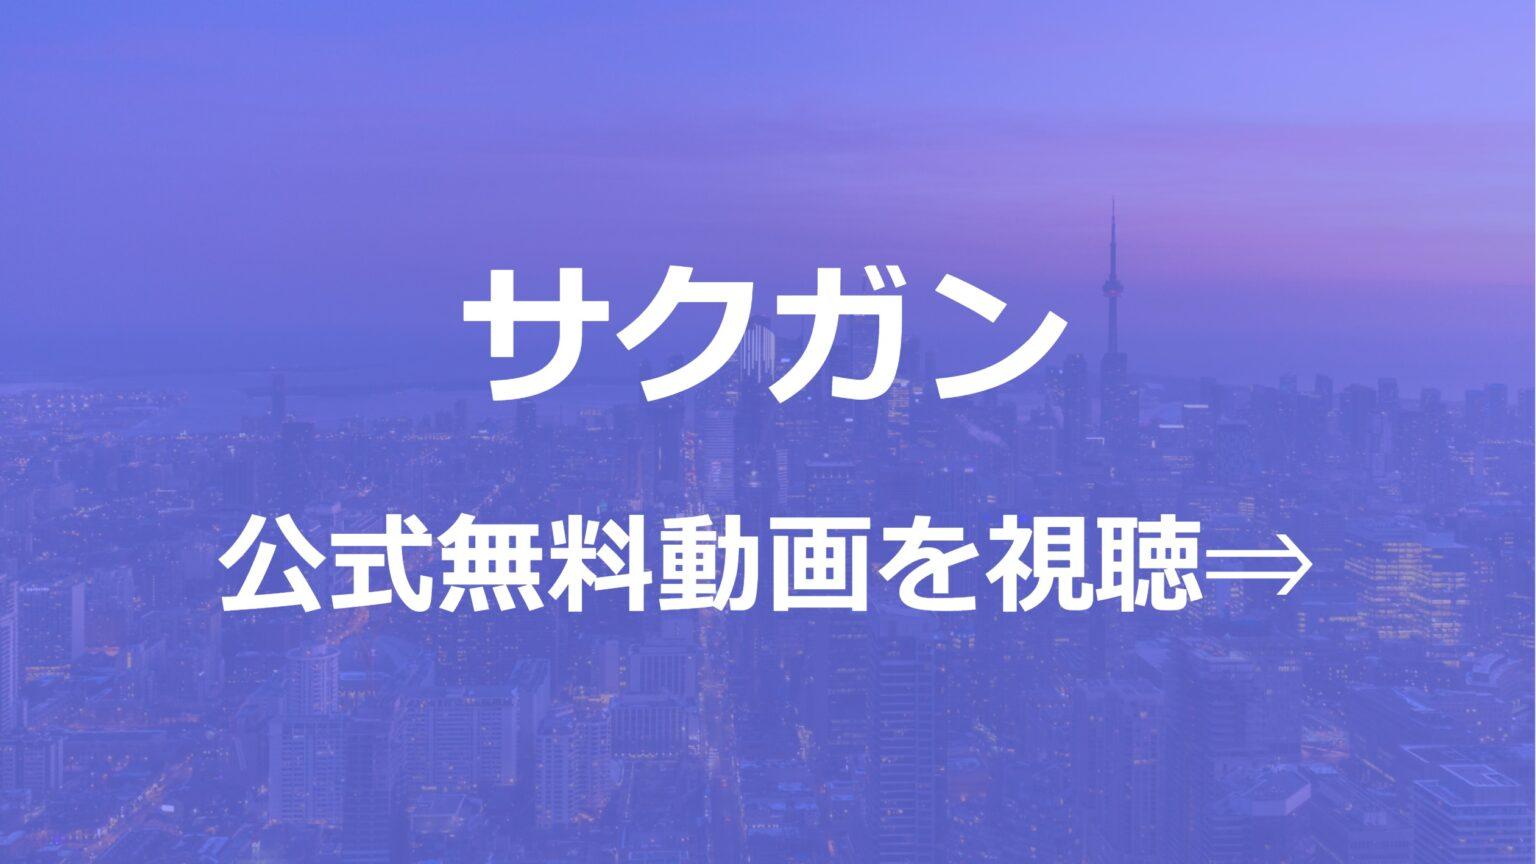 アニメ「サクガン」無料フル動画を1話~全話視聴できる公式配信サービスまとめ!